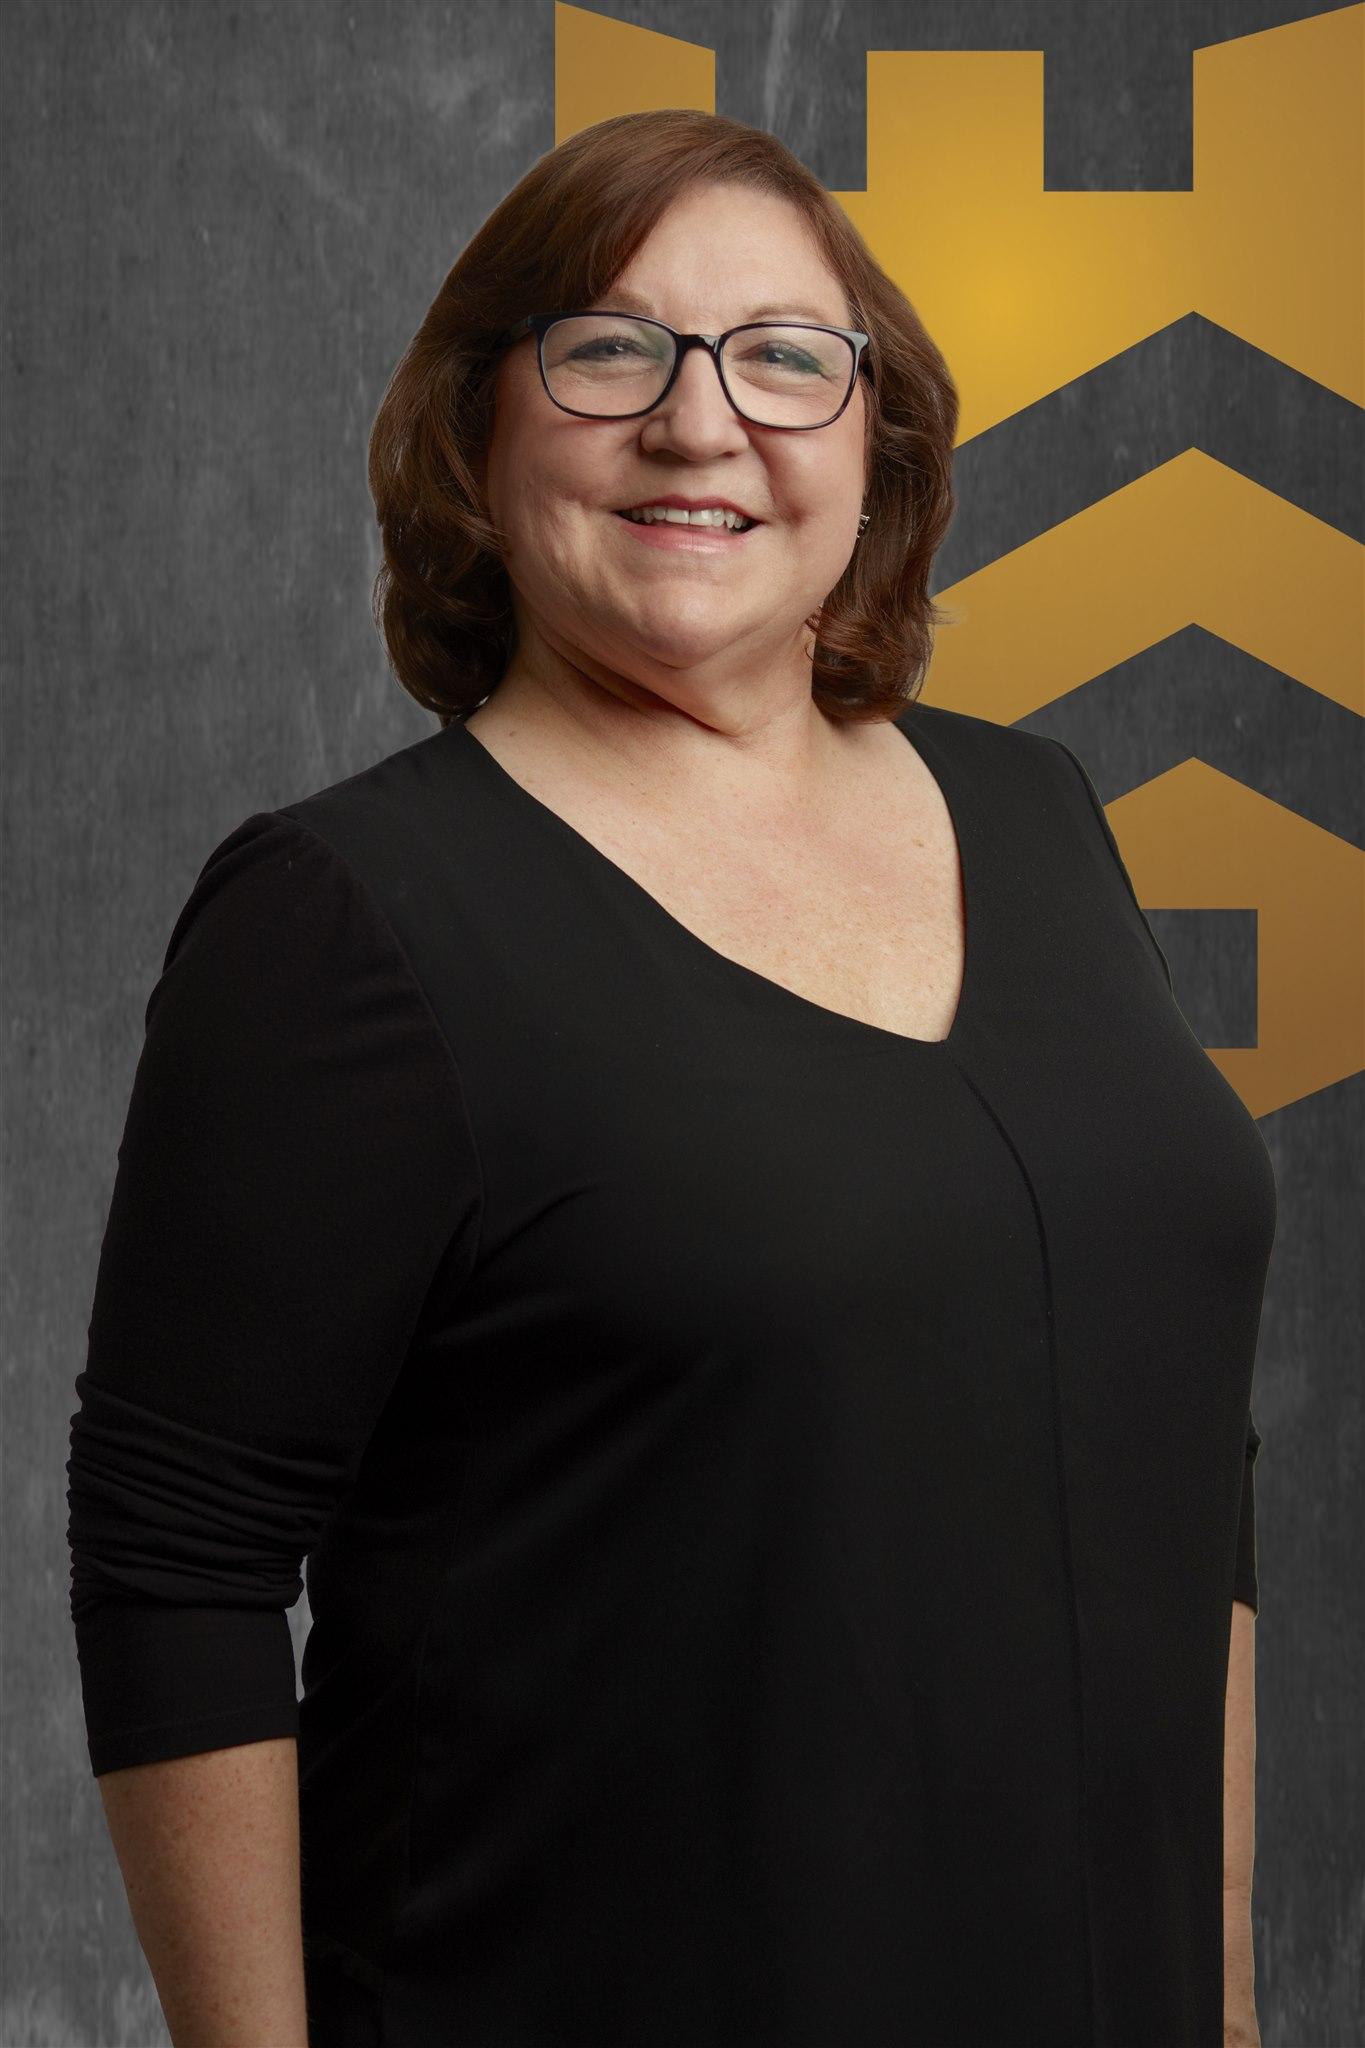 Susan Shader